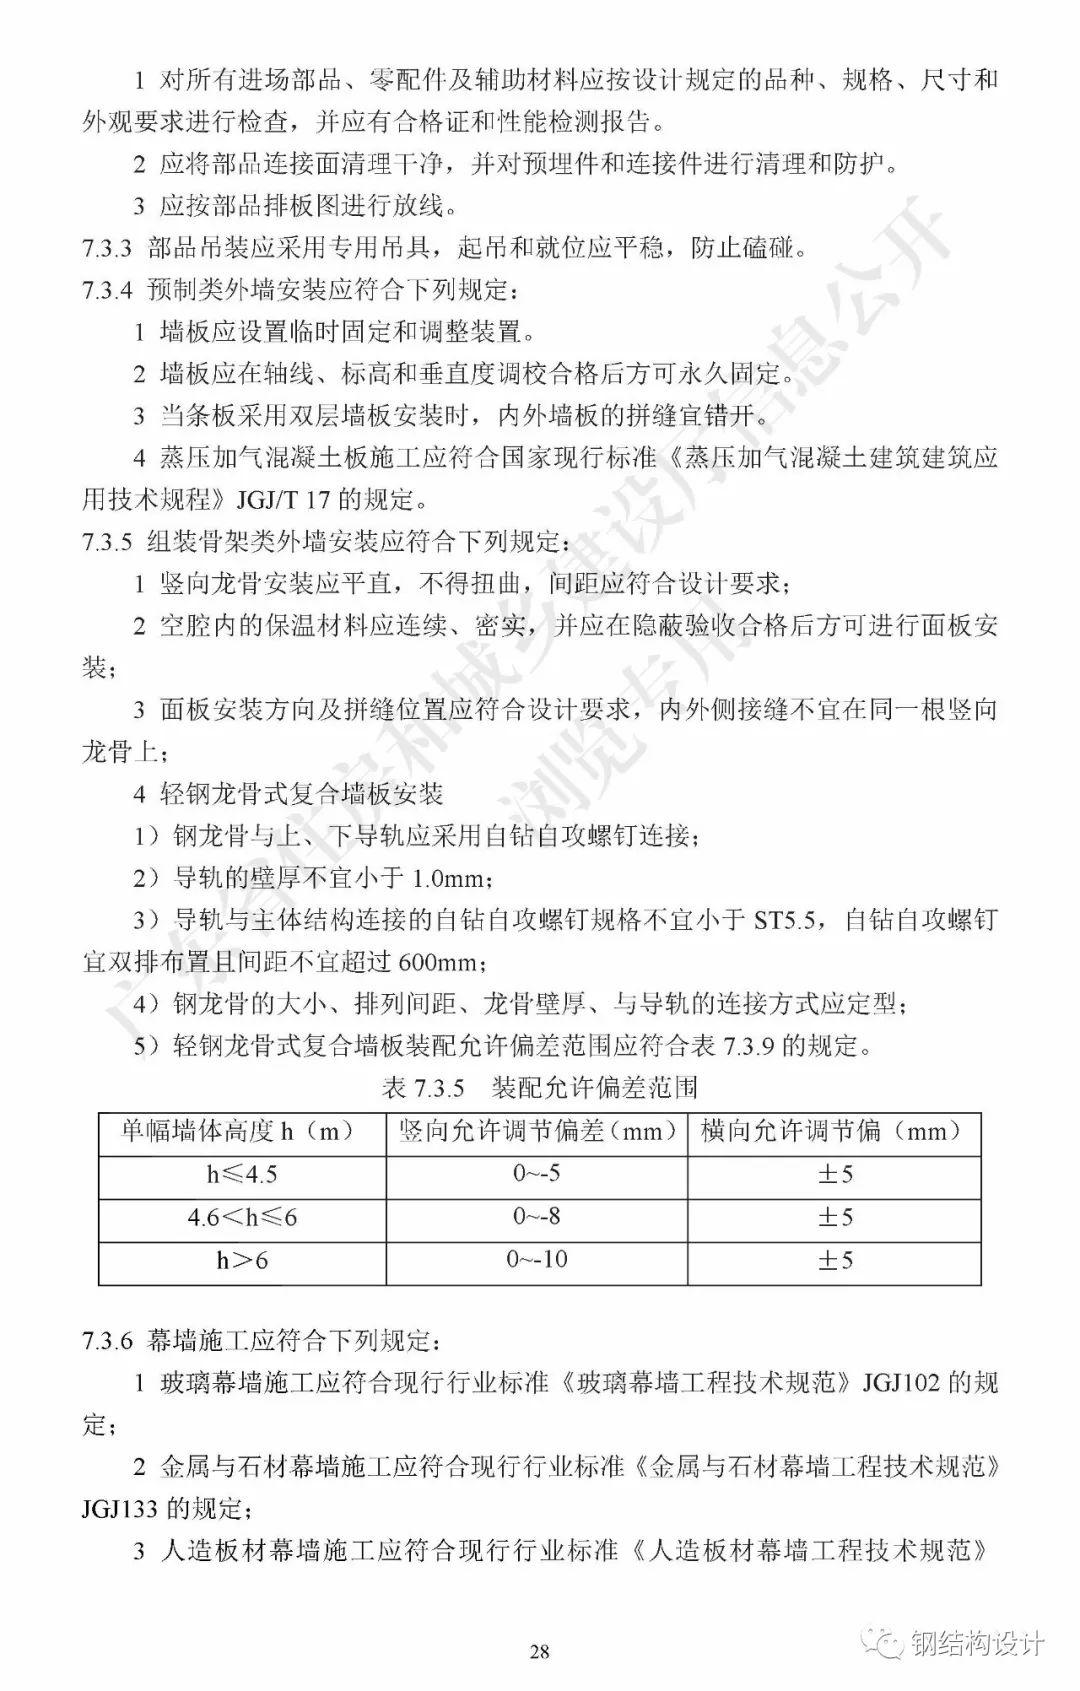 广东省《装配式钢结构建筑技术规程》发布_38